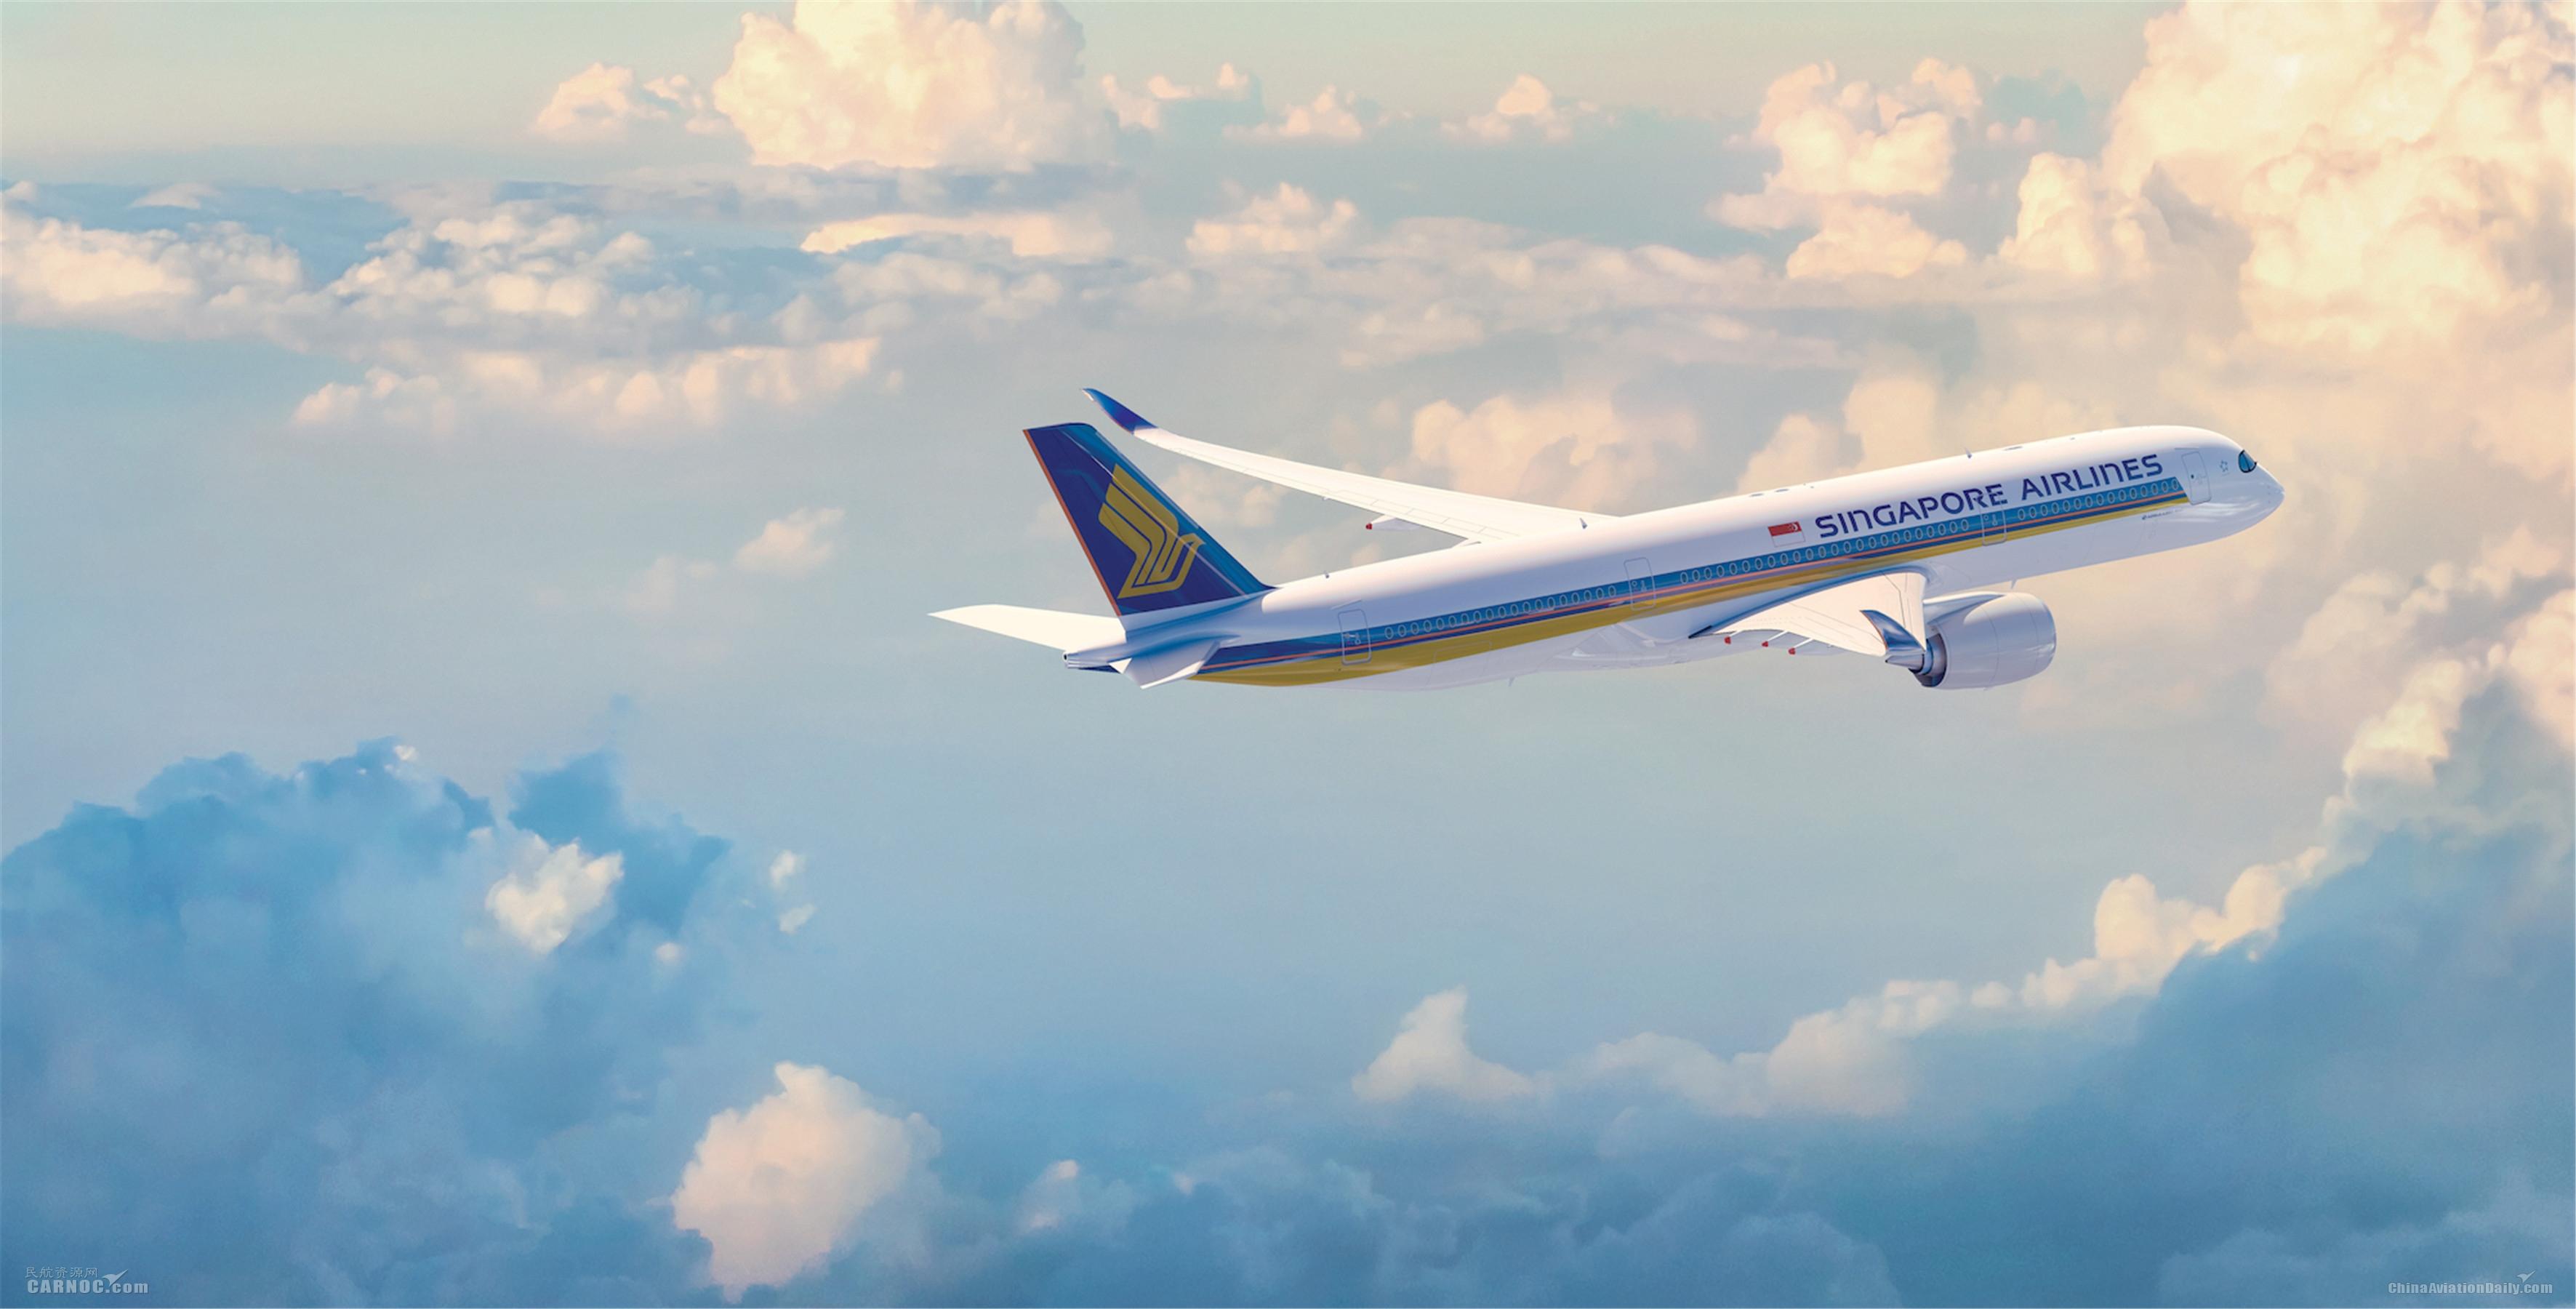 新加坡航空将增加加尔各答航班频次